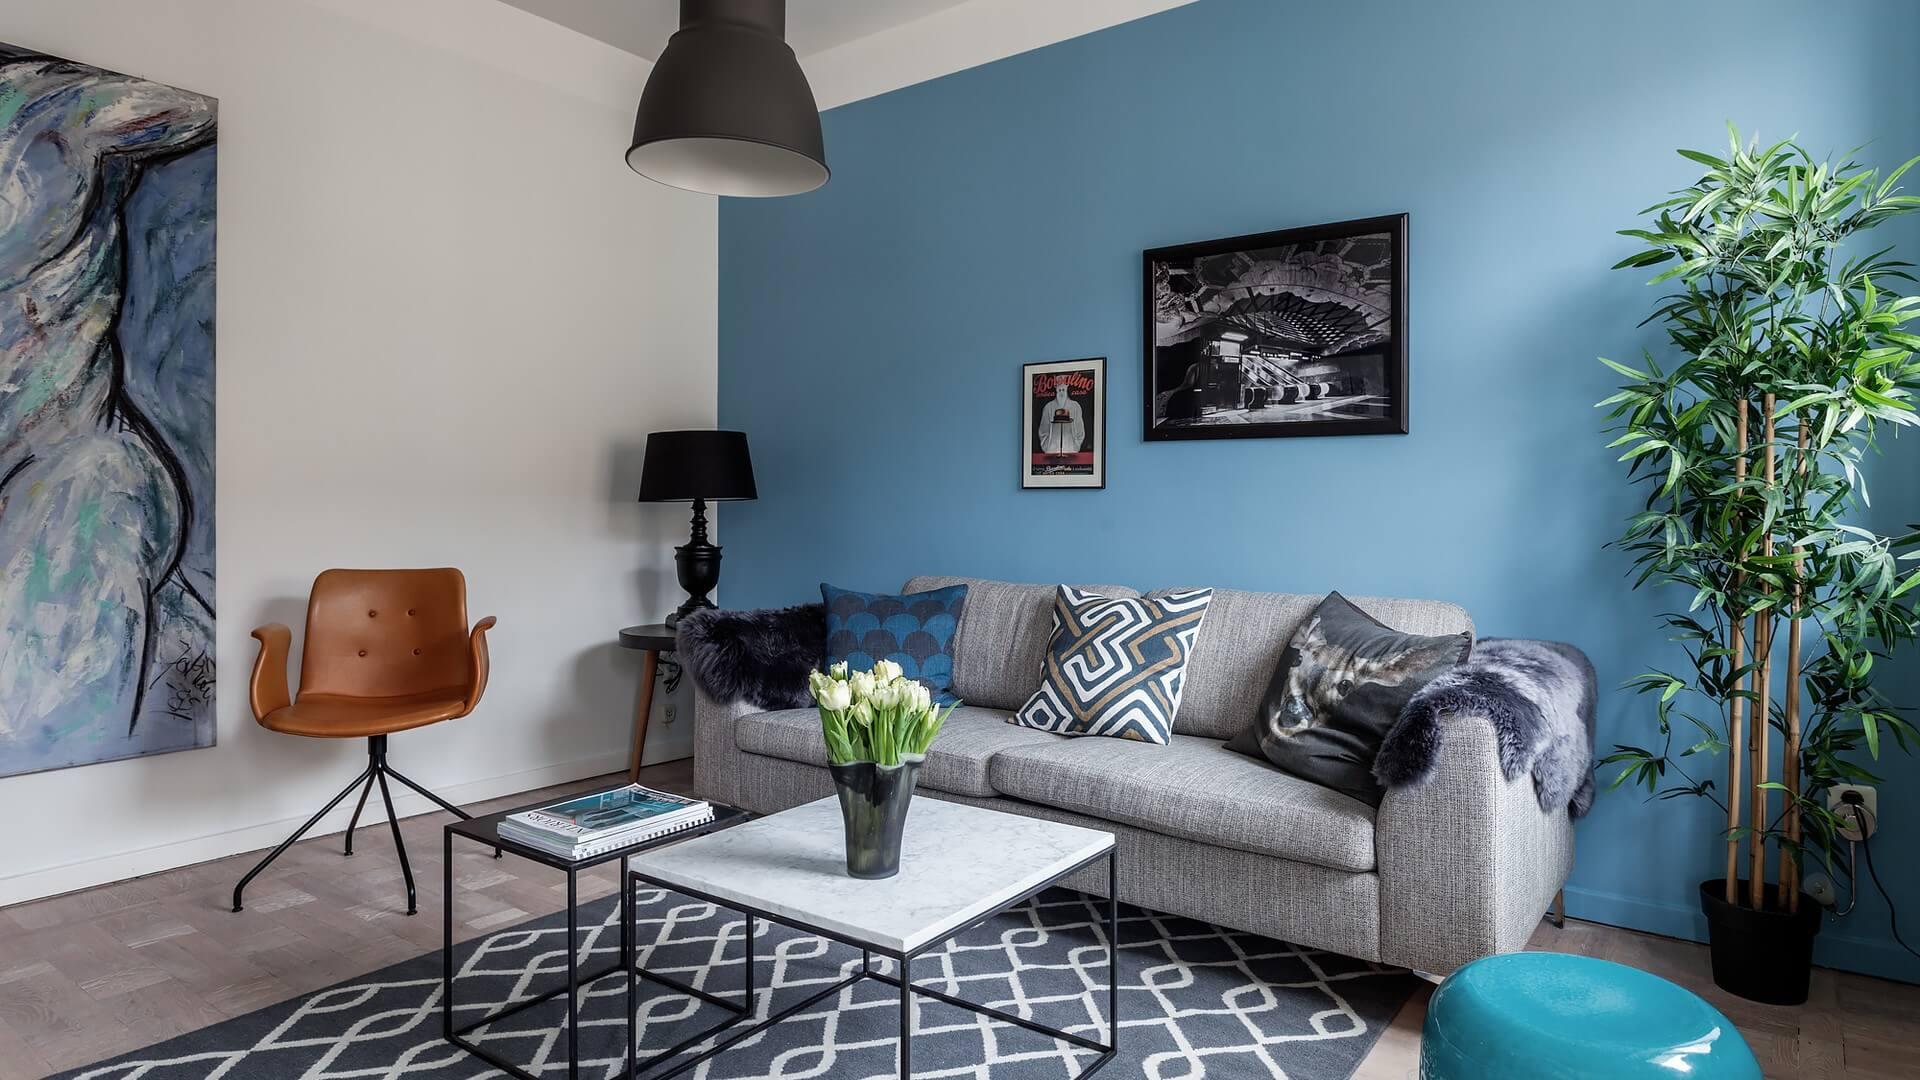 дизайн интерьере в шведском стиле